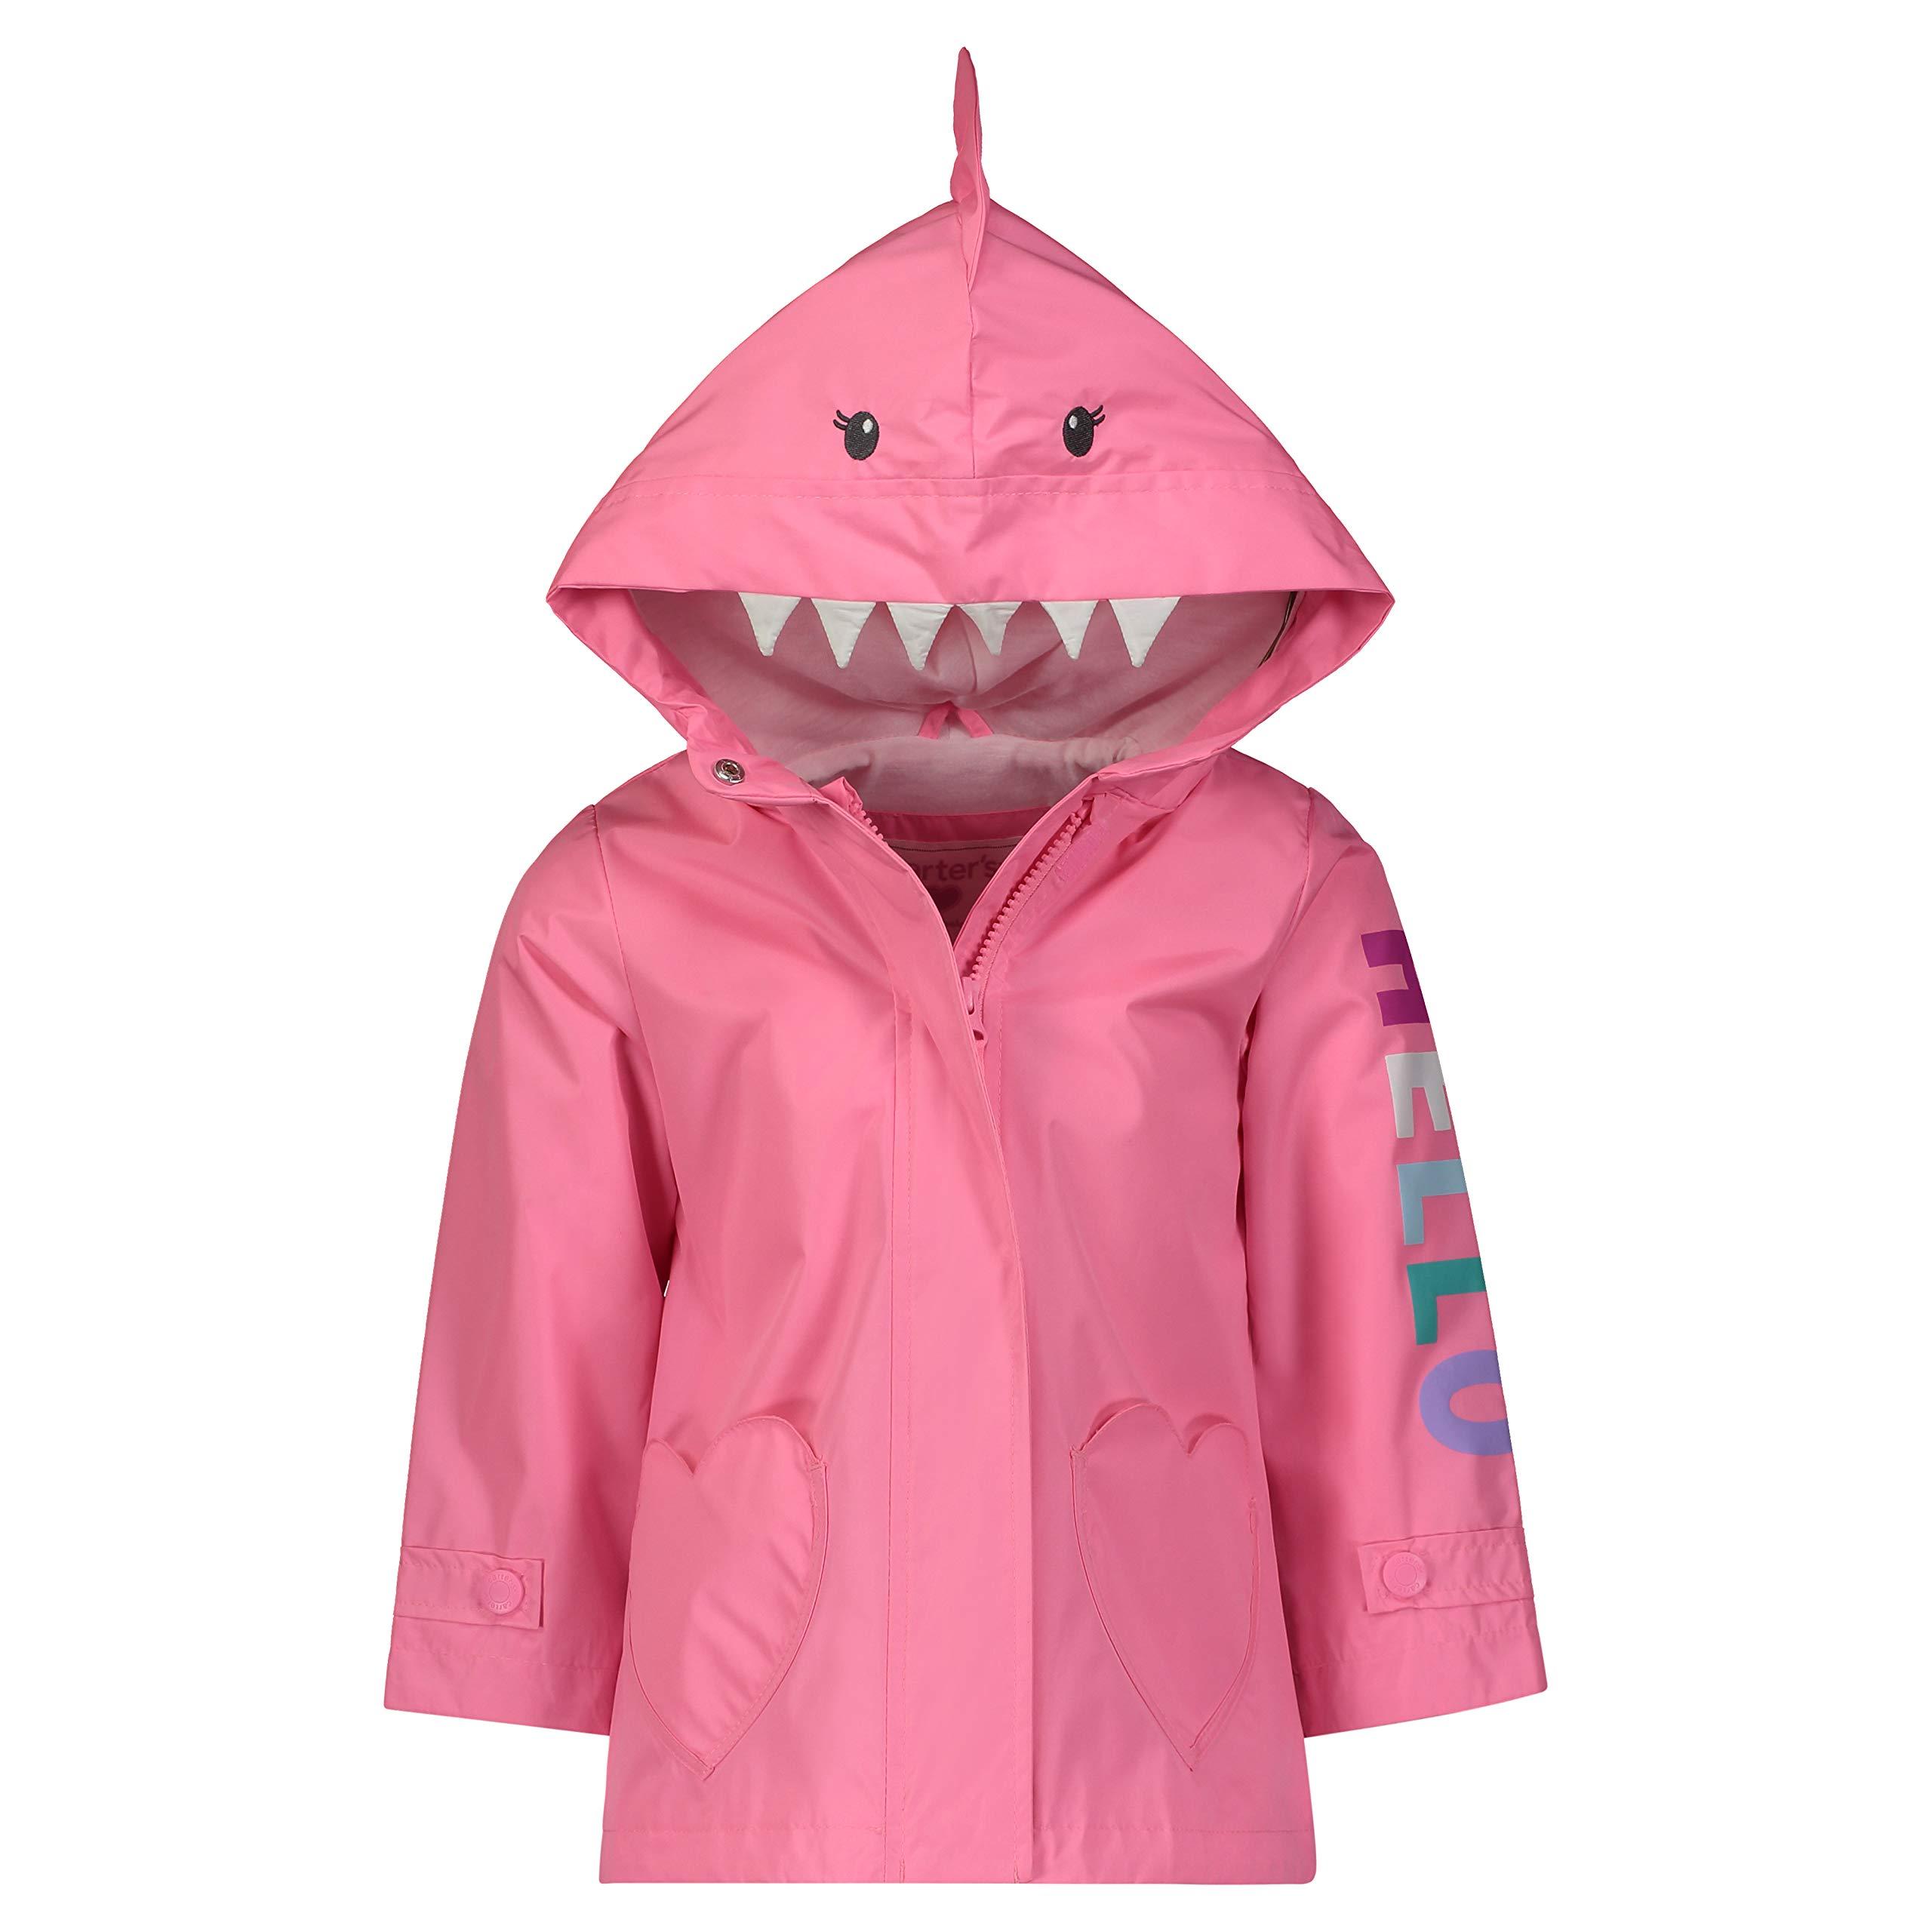 Carter's Little Girls Perfect Rainslicker Rain Jacket